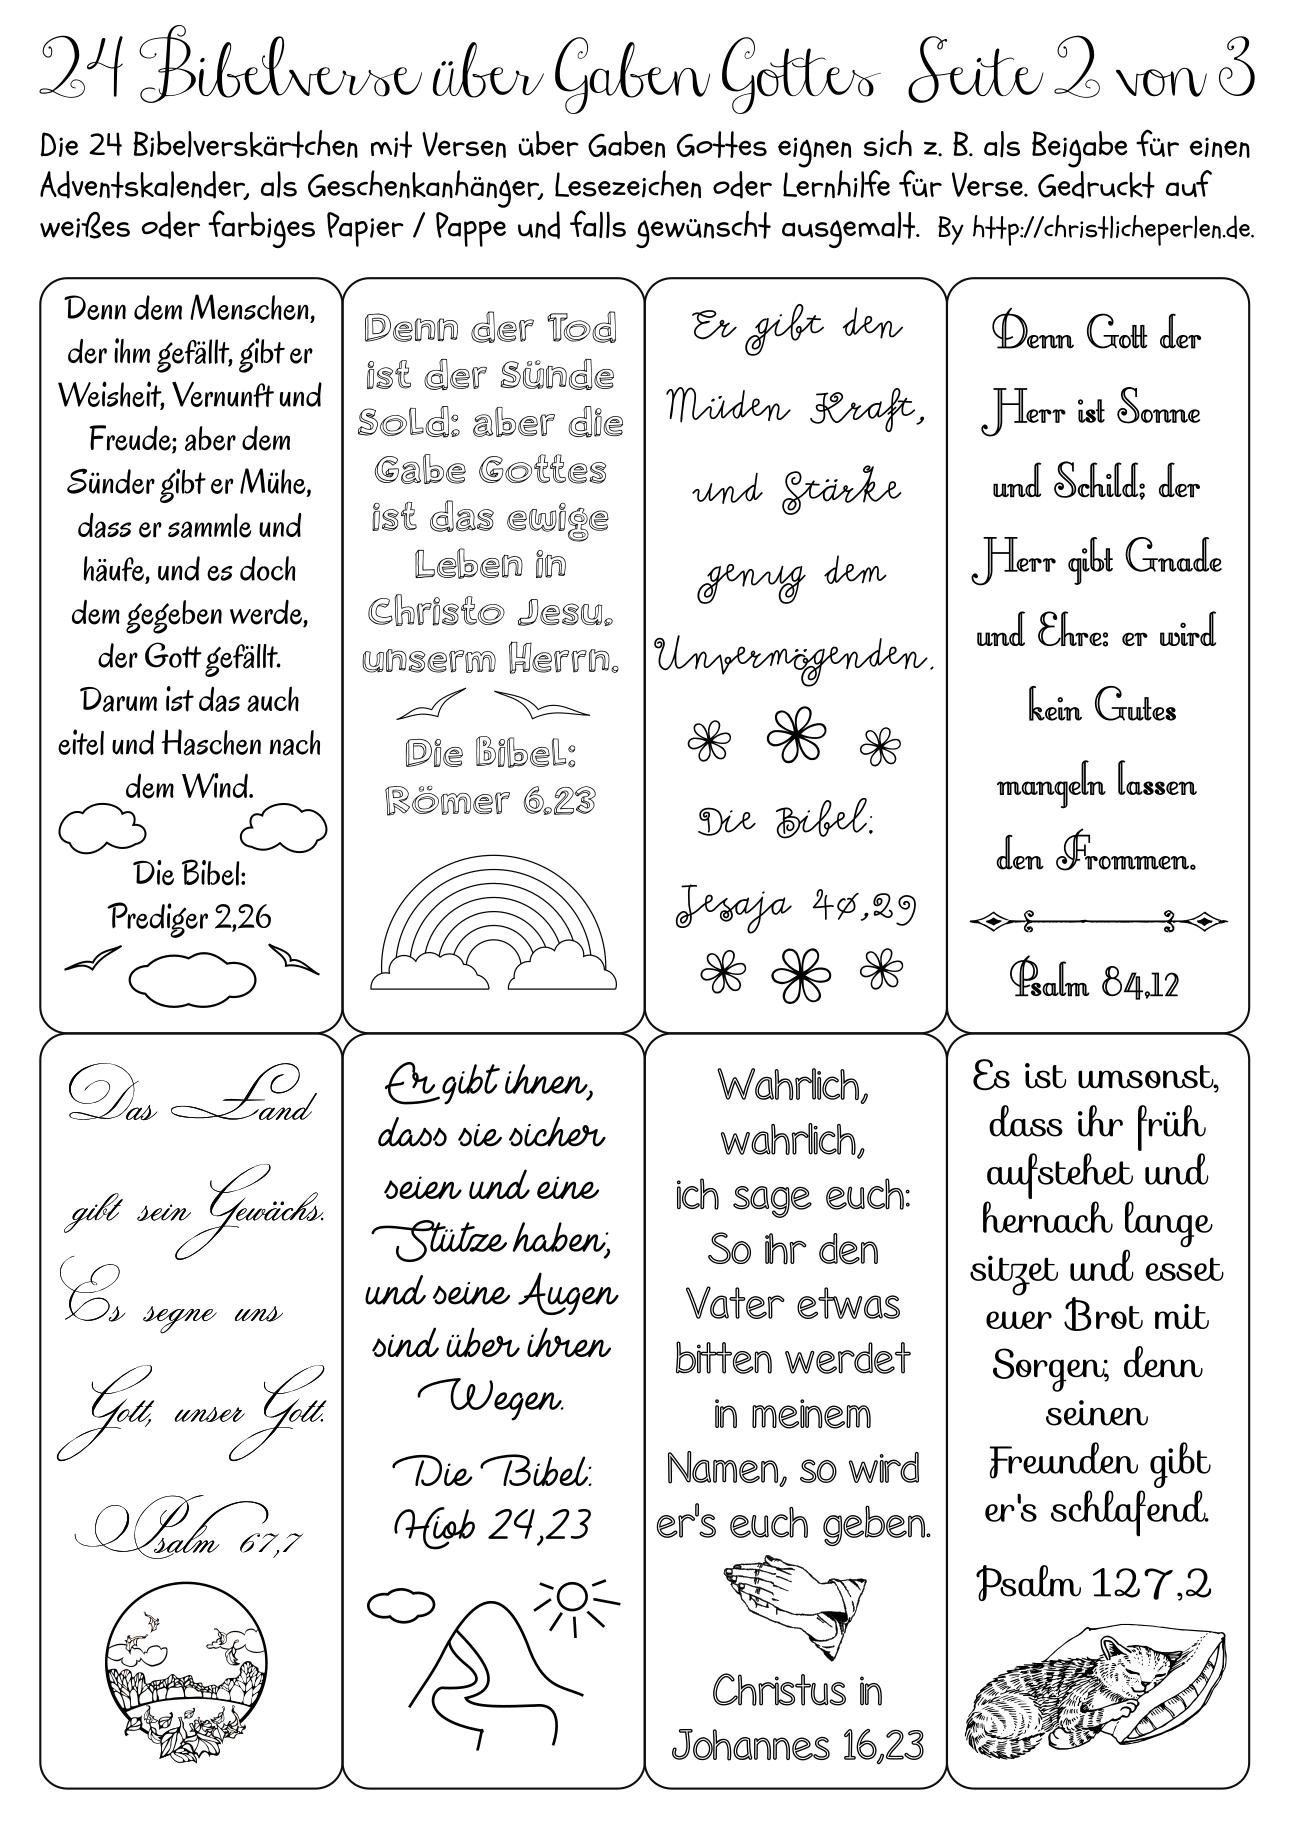 24 Bibelverse Z. B. Für Einen Adventskalender | Christliche bestimmt für 24 Kurze Gedichte Für Adventskalender